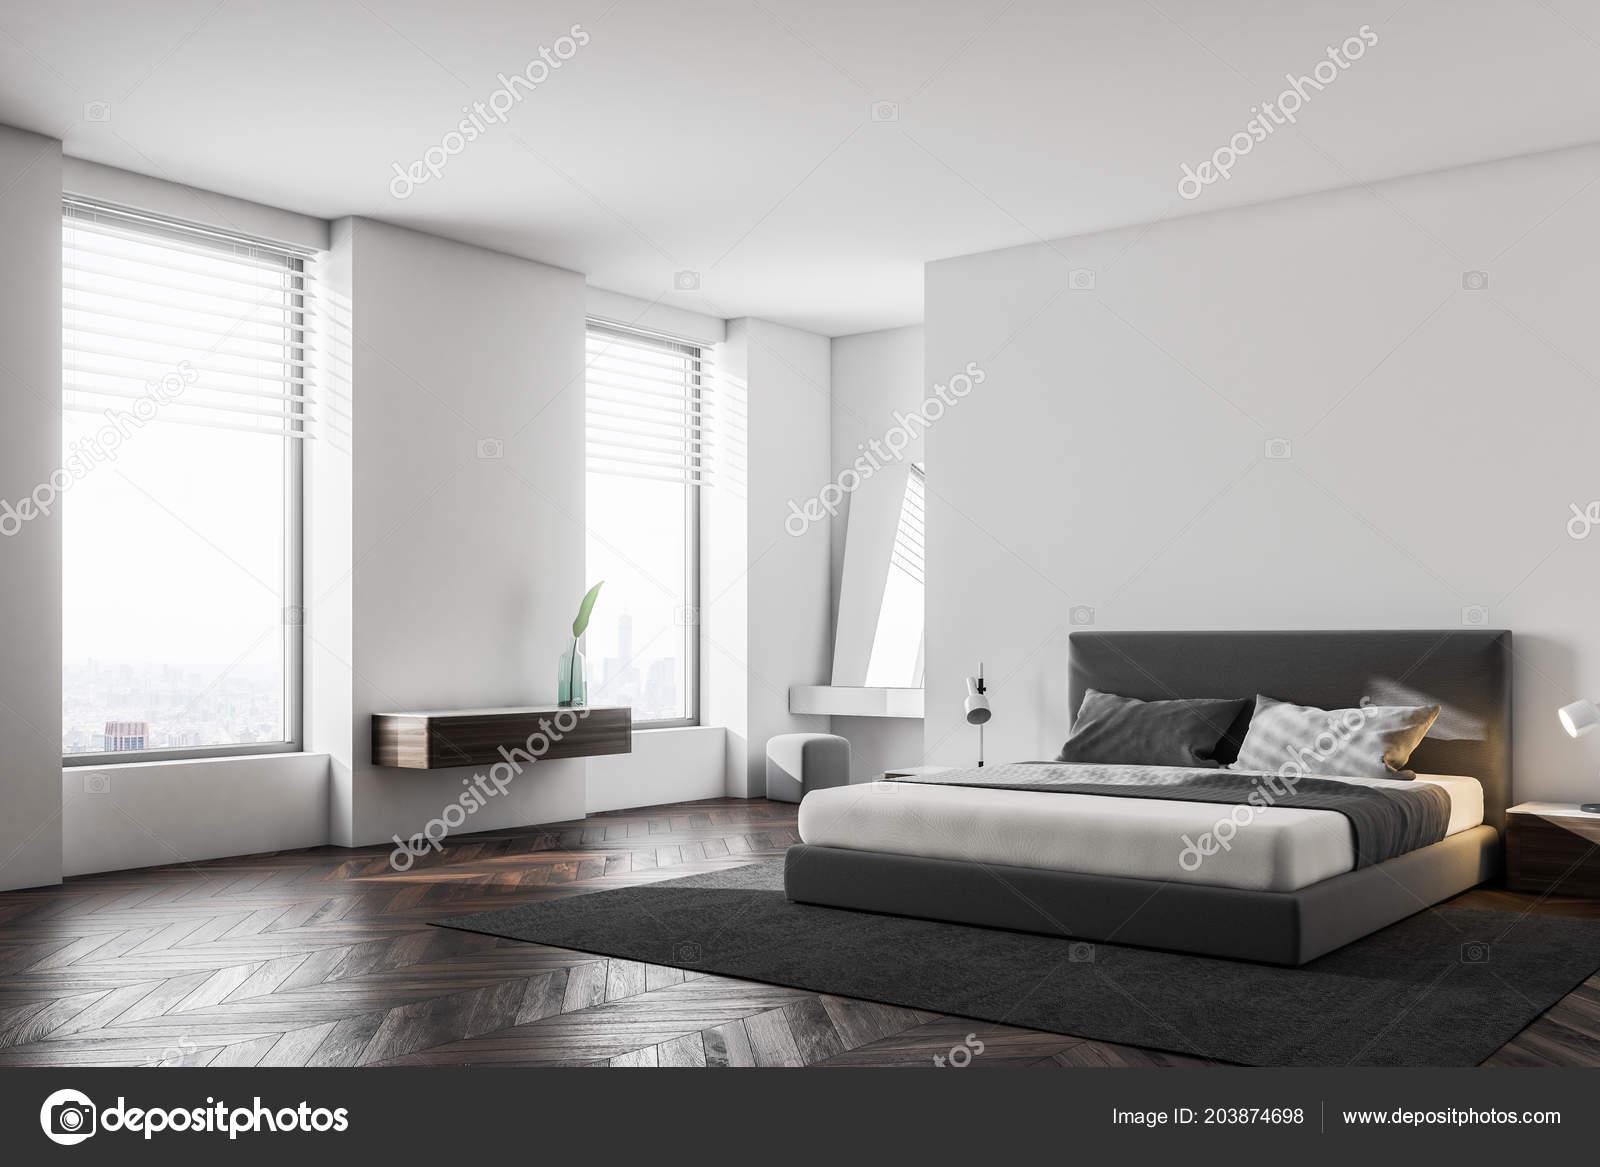 Pavimenti Camere Da Letto.Angolo Camera Letto Lusso Con Pareti Bianche Pavimenti Legno Letto